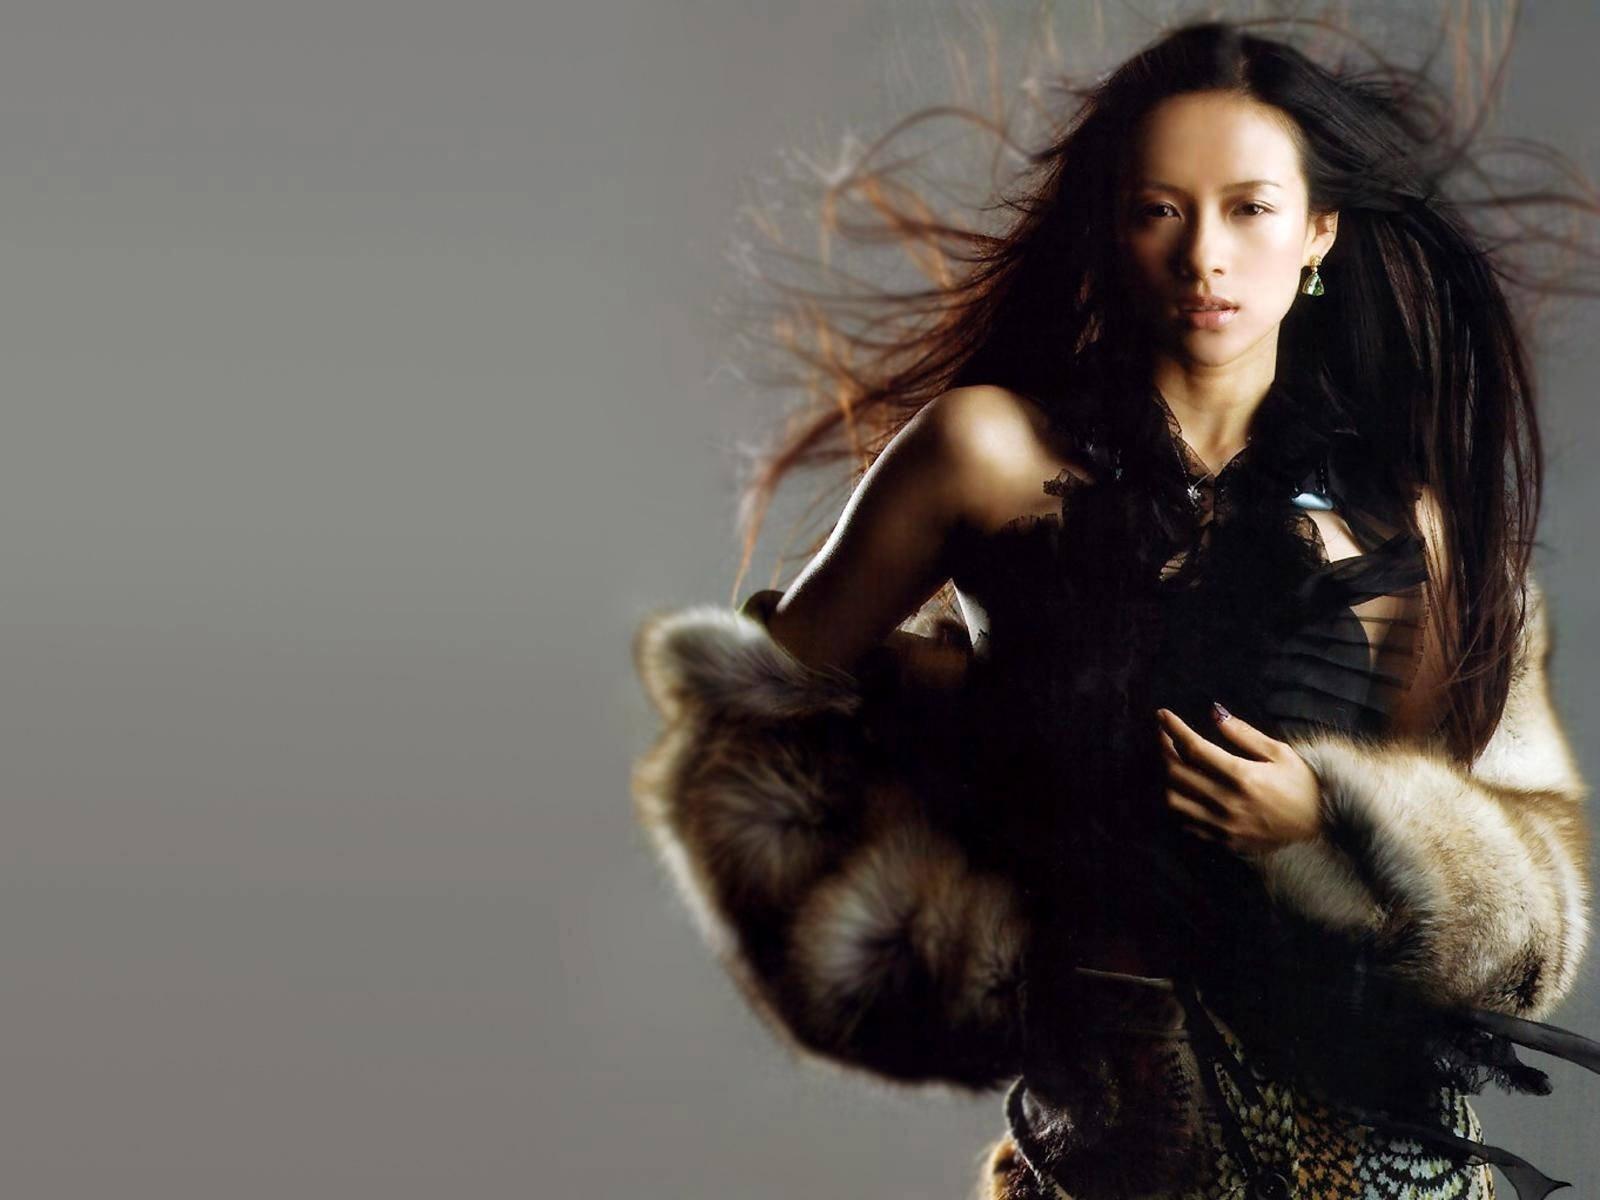 Wallpaper di Zhang Ziyi con i capelli al vento